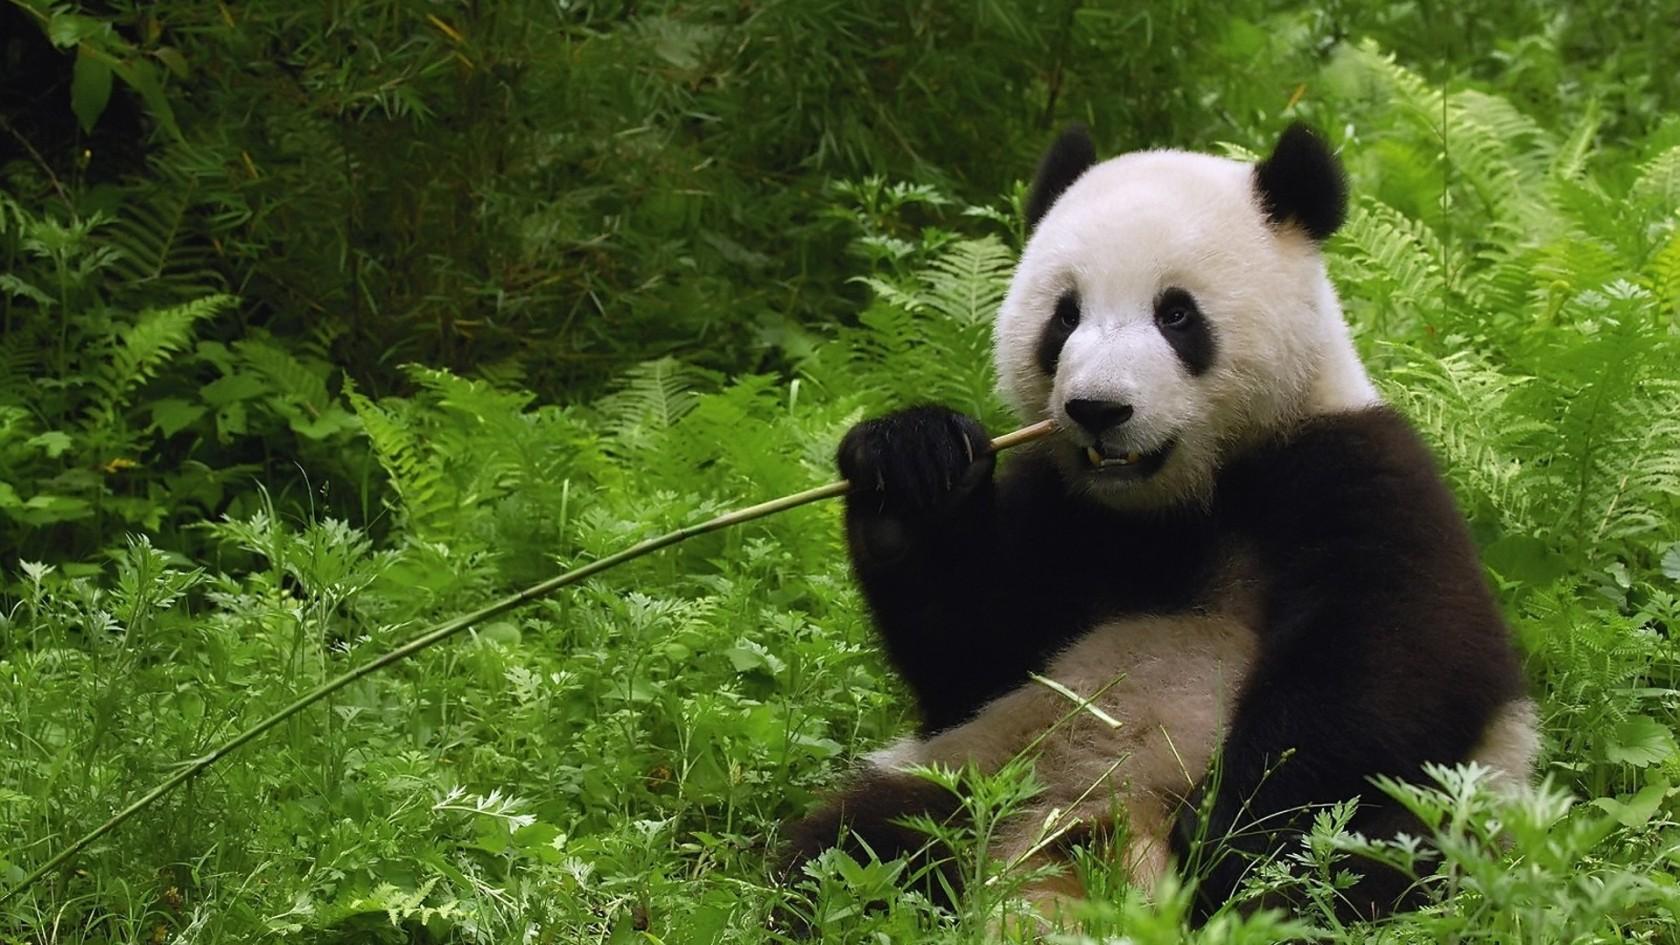 cute panda wallpapers A2